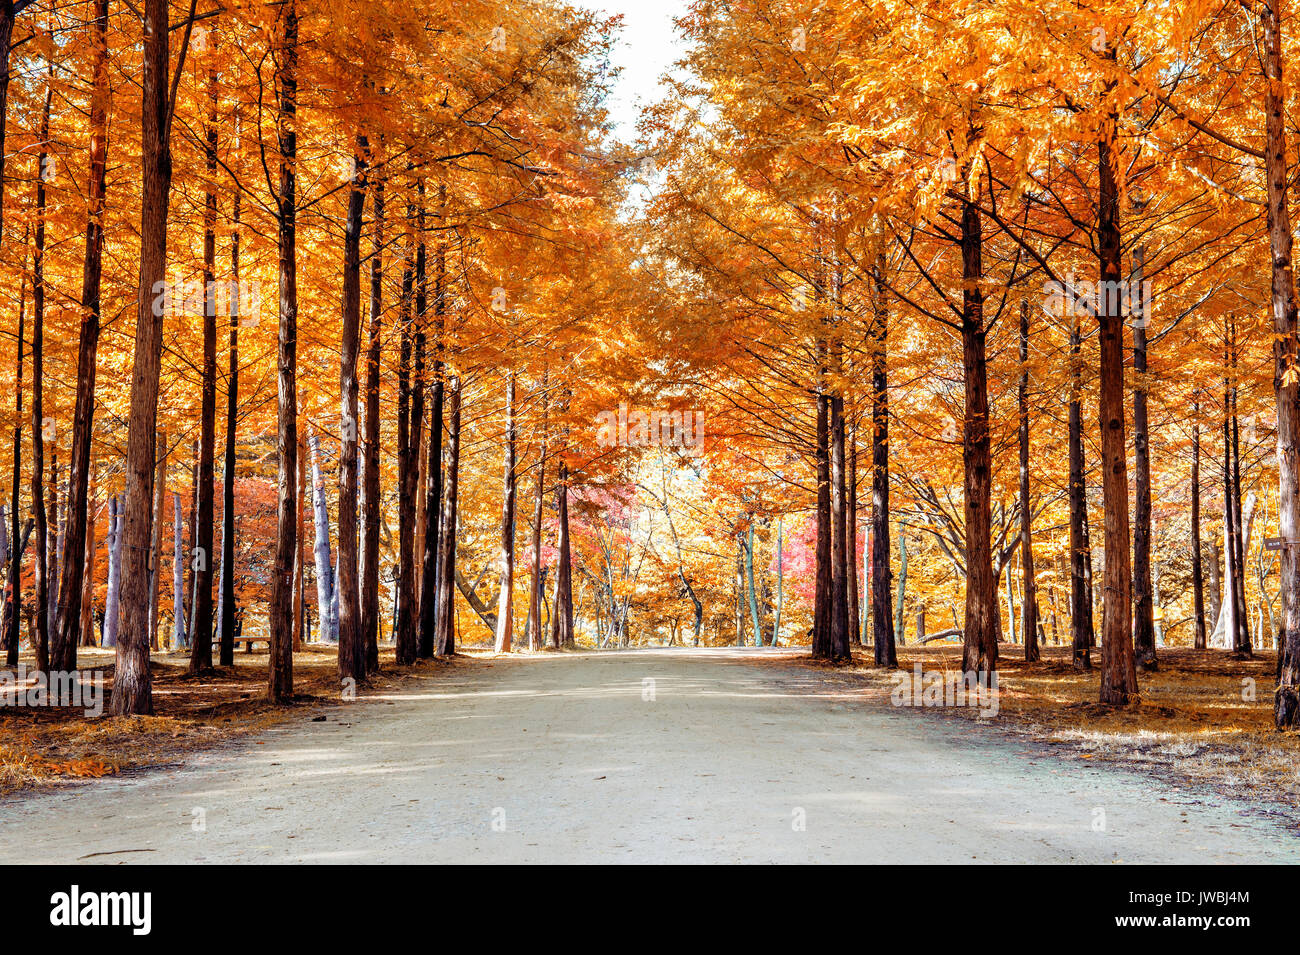 Autumn trees in Nami island, Korea. - Stock Image